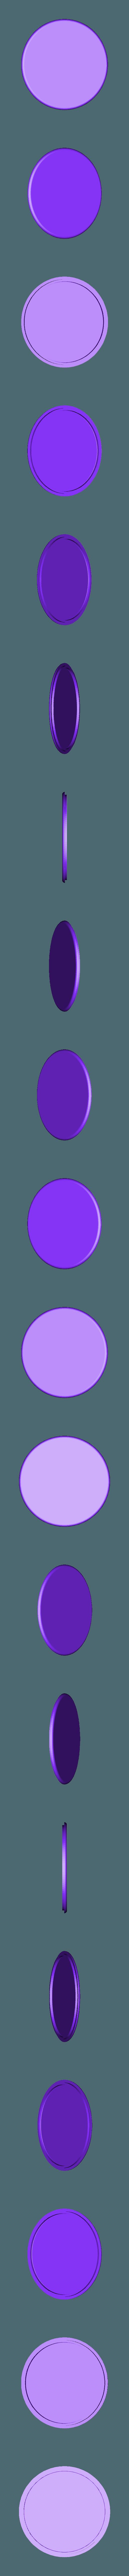 lid_36r1.stl Télécharger fichier SCAD gratuit Contenants ronds personnalisables • Plan pour impression 3D, WalterHsiao